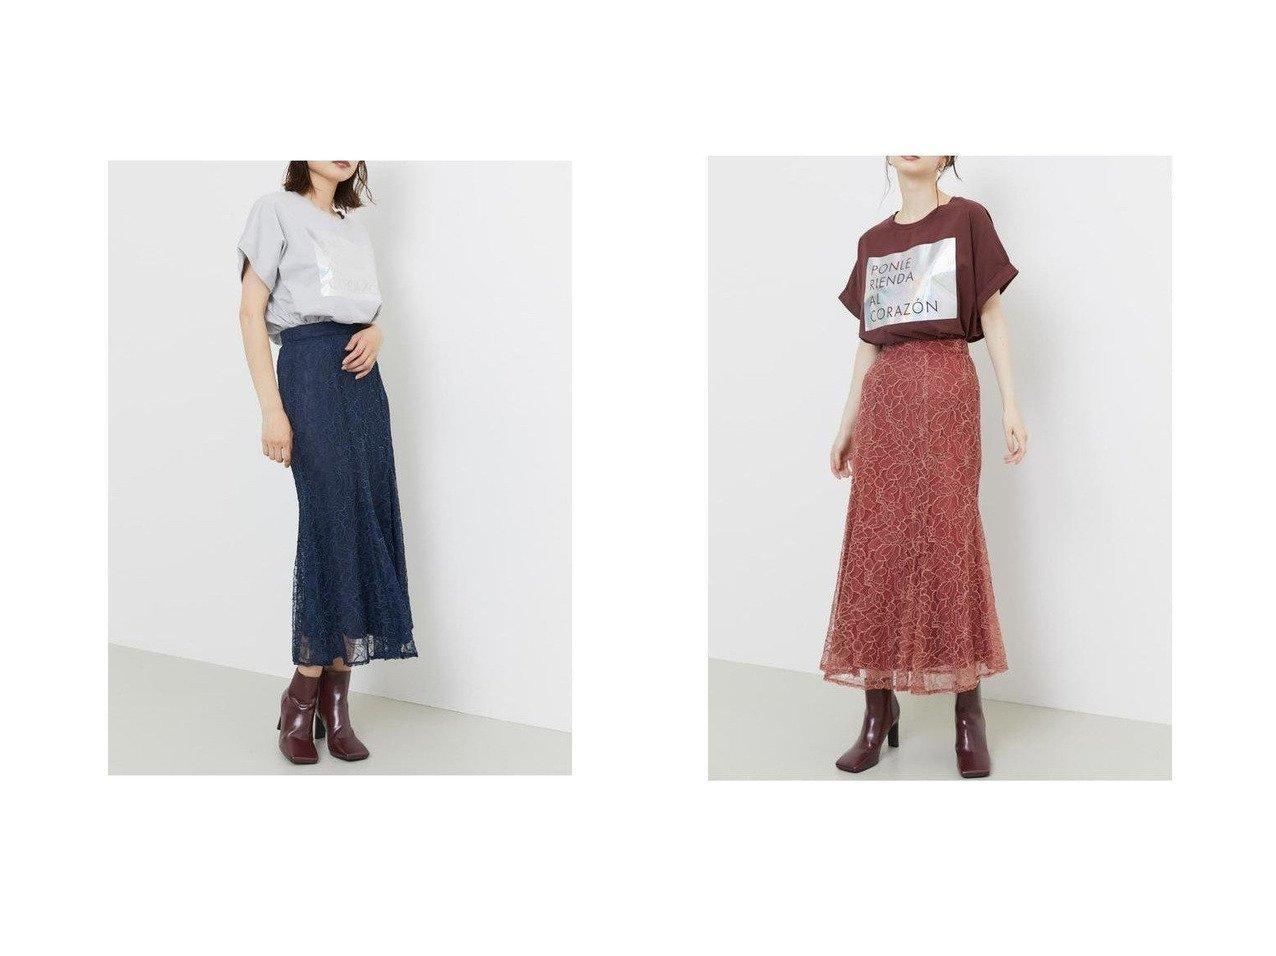 【rienda/リエンダ】のグロスコードレースWマーメイドSK 【スカート】おすすめ!人気、トレンド・レディースファッションの通販 おすすめで人気の流行・トレンド、ファッションの通販商品 インテリア・家具・メンズファッション・キッズファッション・レディースファッション・服の通販 founy(ファニー) https://founy.com/ ファッション Fashion レディースファッション WOMEN スカート Skirt NEW・新作・新着・新入荷 New Arrivals パターン マーメイド レース |ID:crp329100000067246